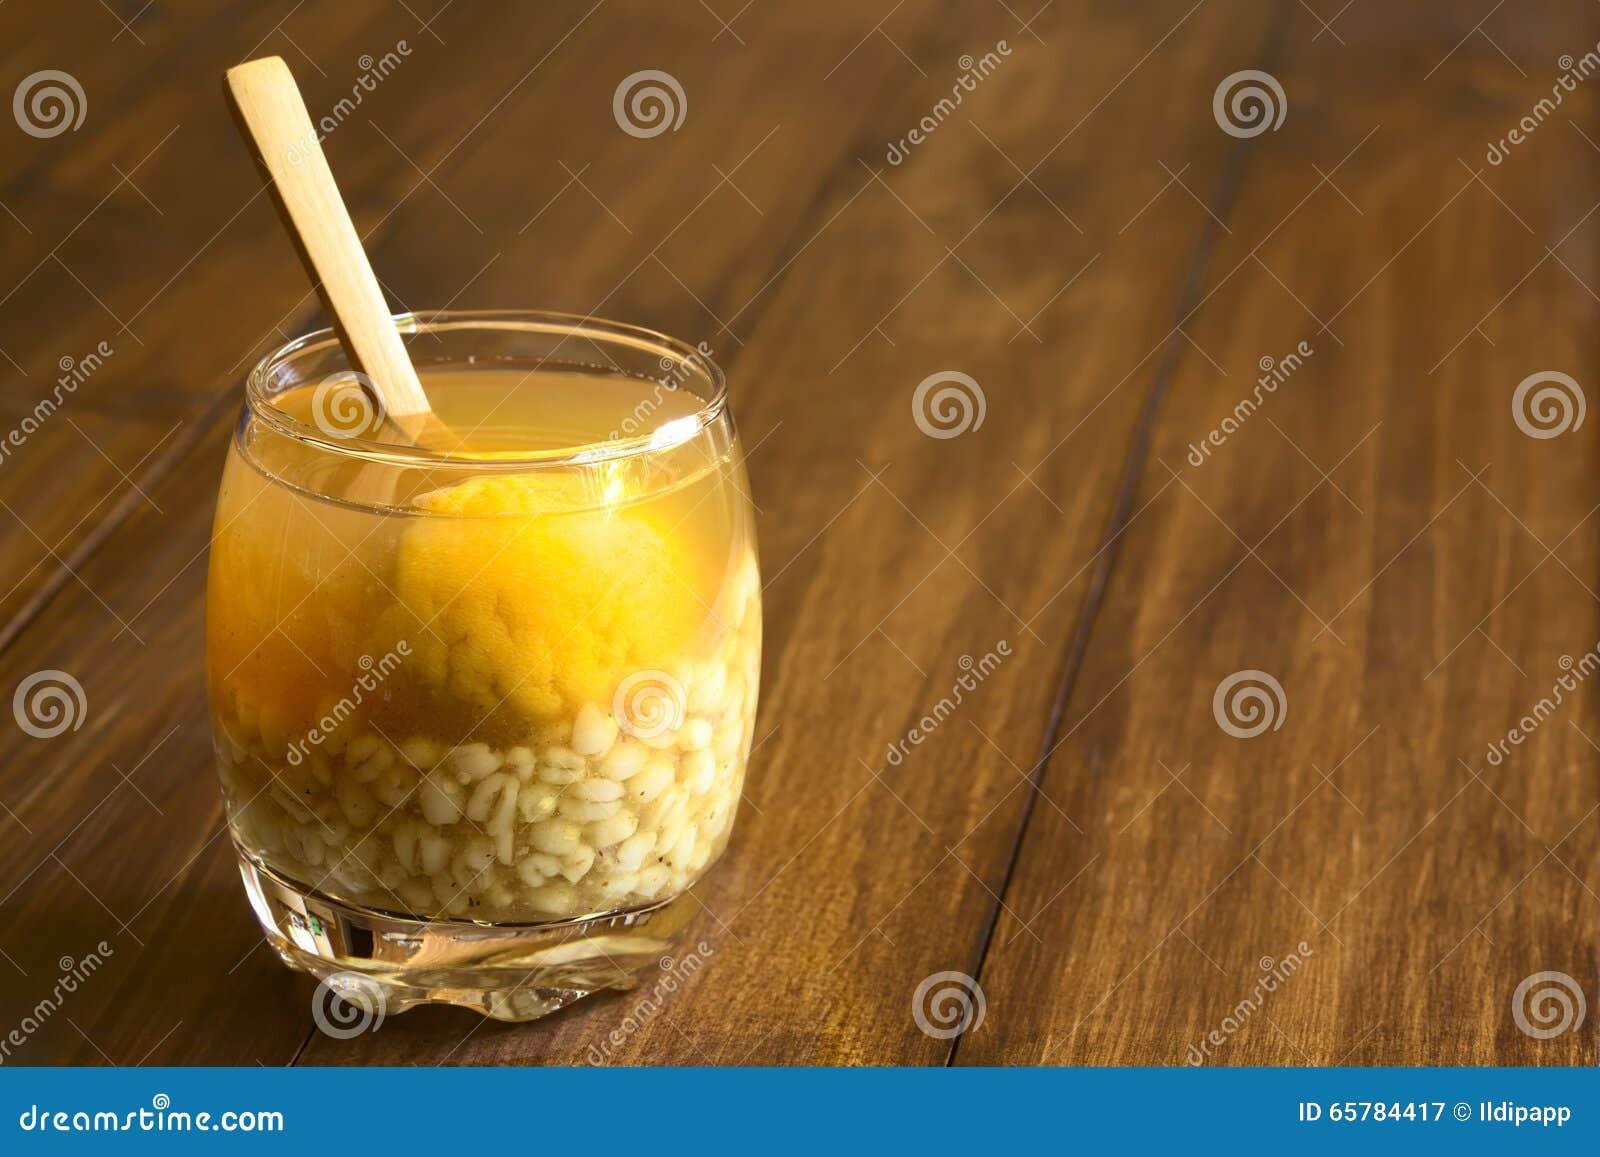 Chilean Mote con Huesillo Drink